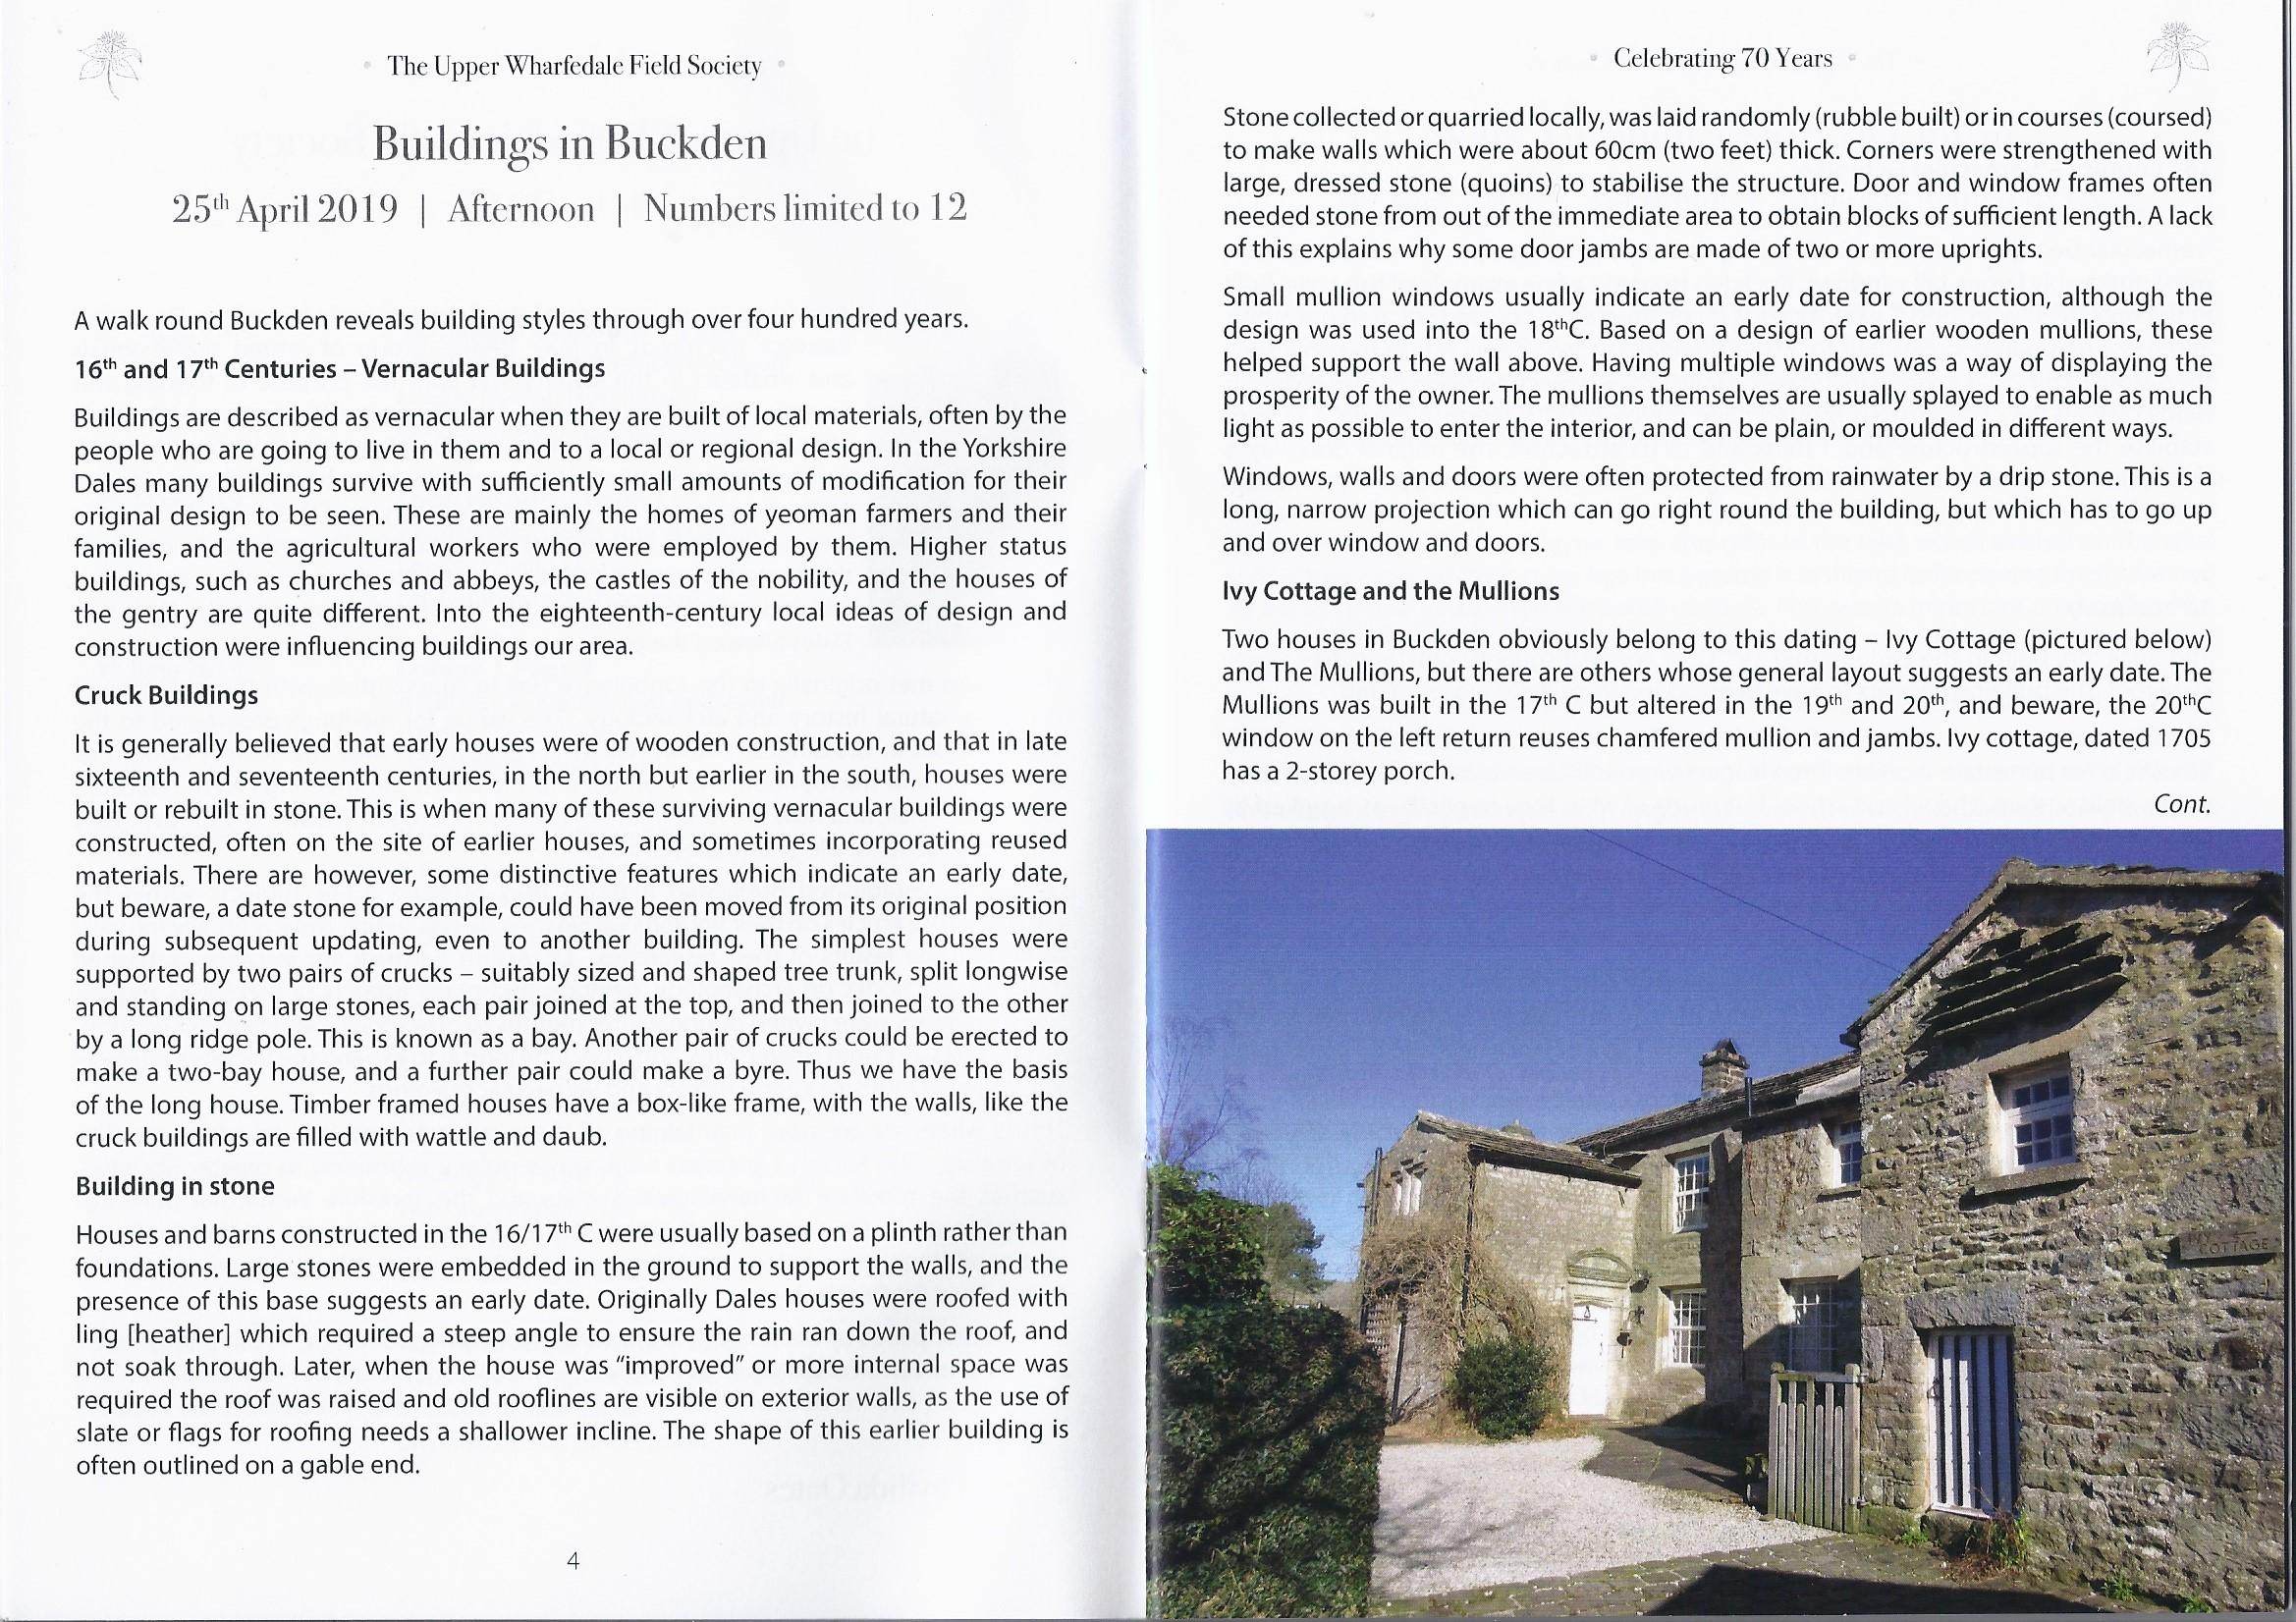 Buildings in Buckden